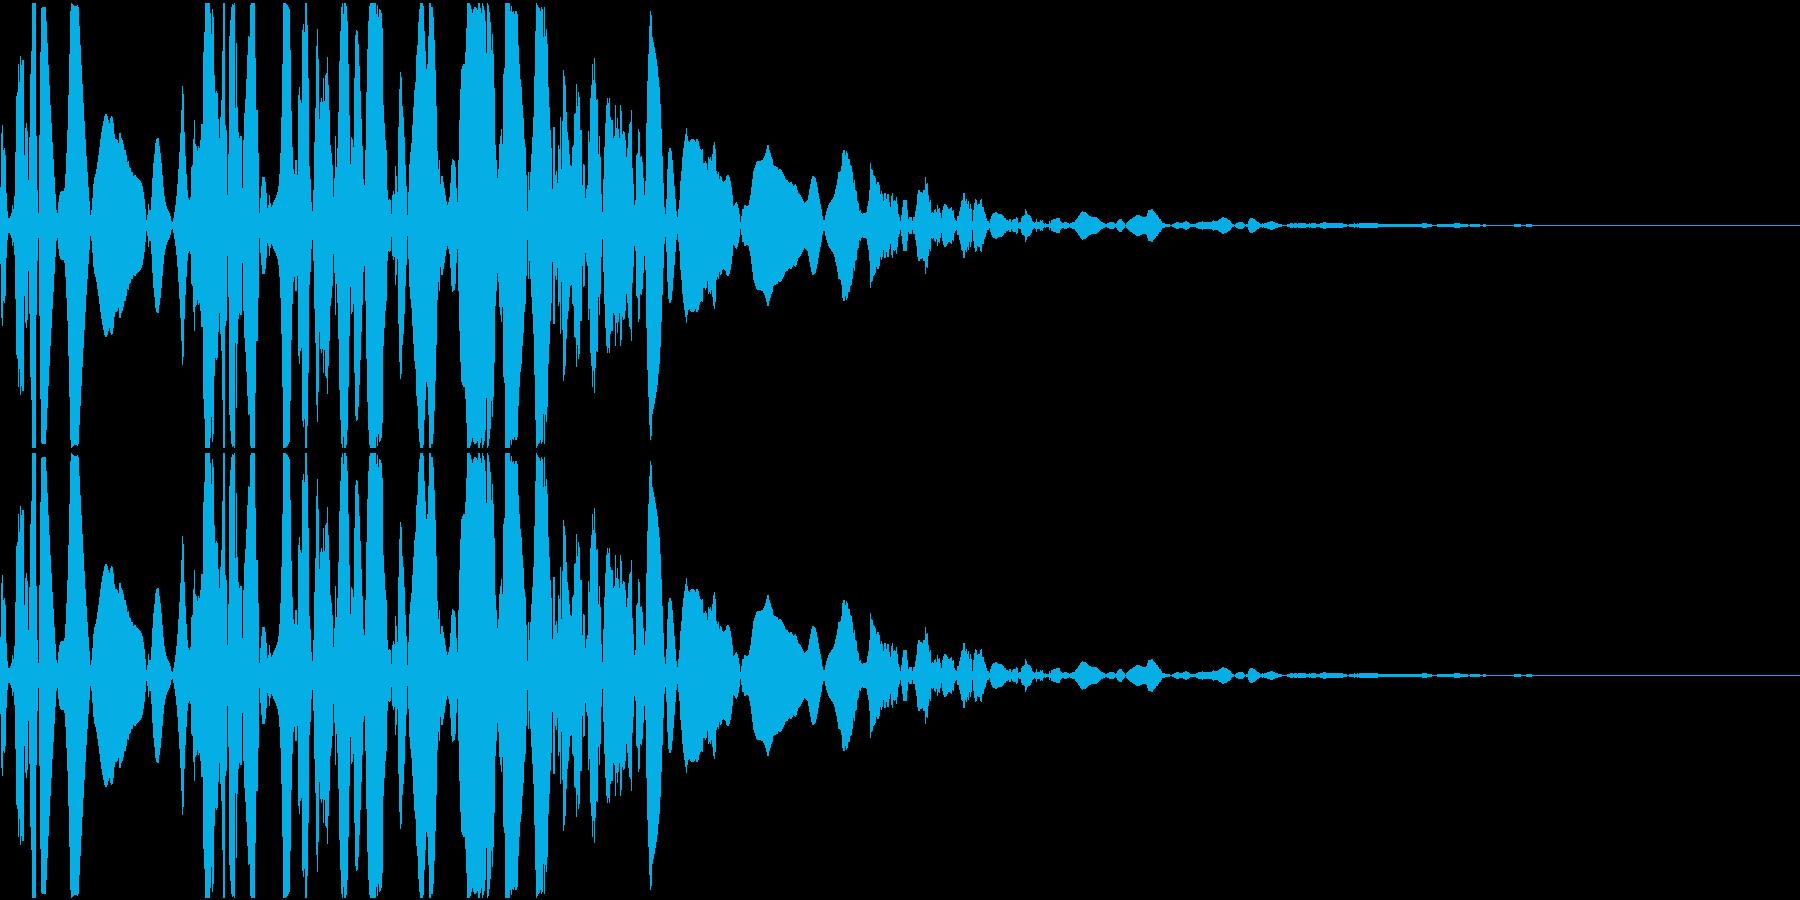 ベチャッ07(泥・液体系のアクション音)の再生済みの波形